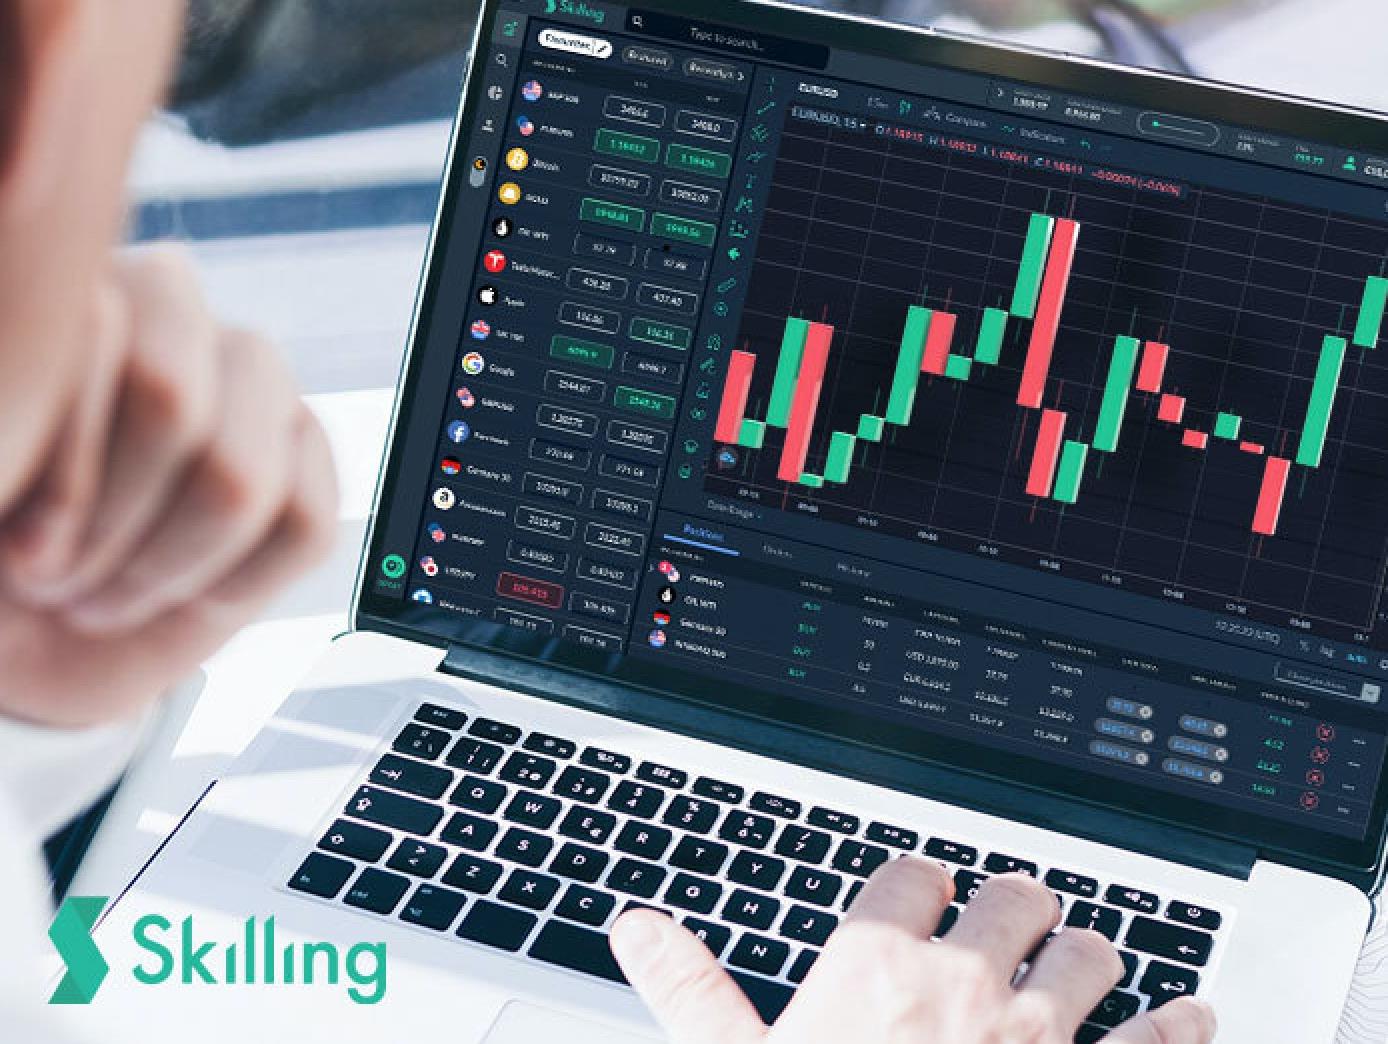 Skilling trader: ¿Qué es y cómo funciona?